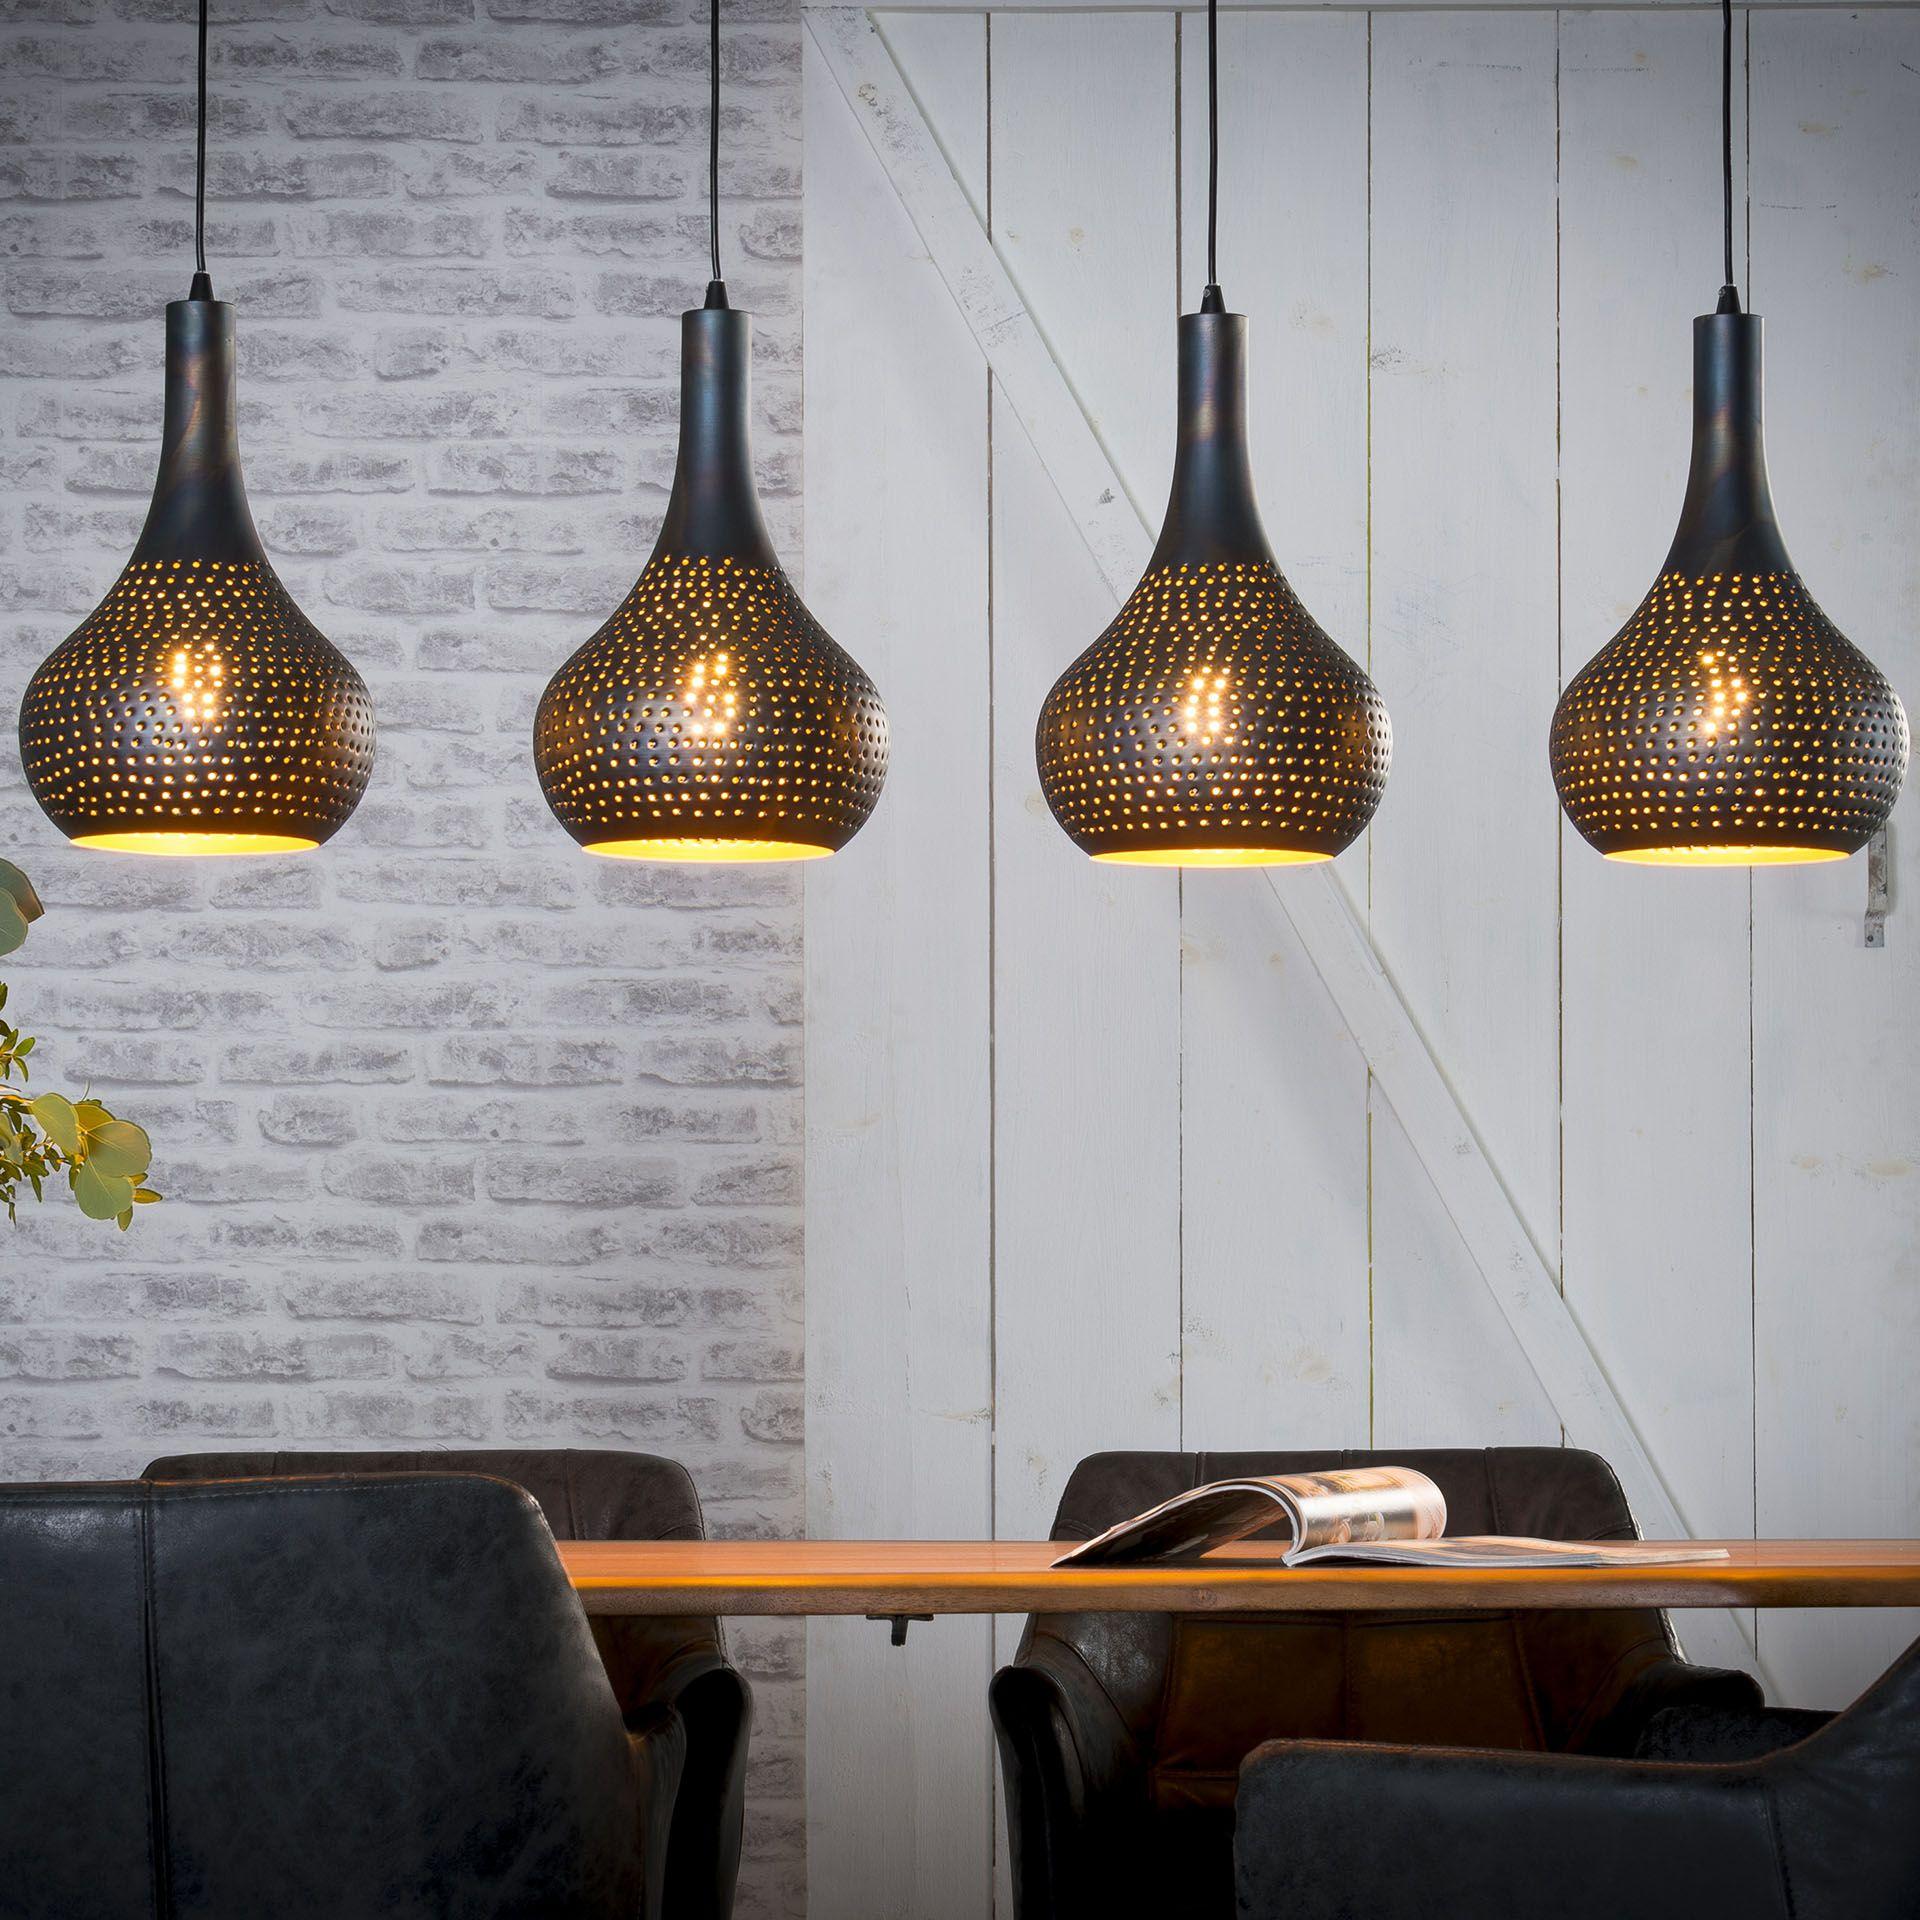 Suspension Infos Noir 4 Ajouré 130 Cm Métal Luminaire Lampes Java sQthrdCx